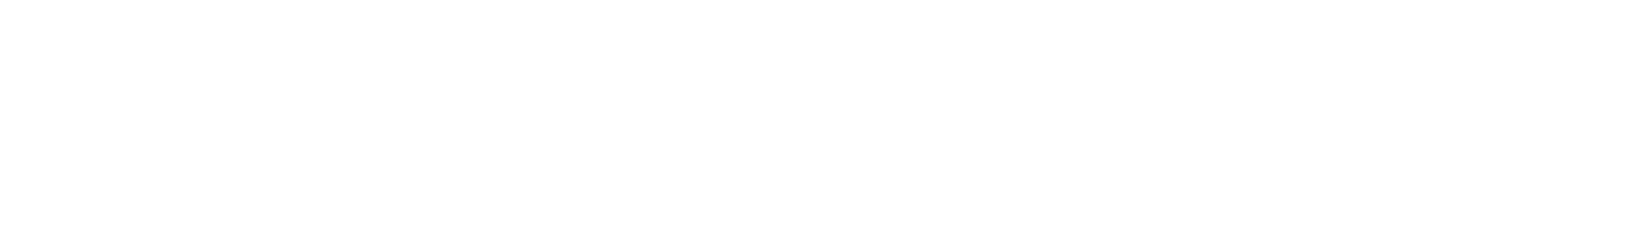 Mestrado Profissional em Neurologia e Neurociências Clínicas